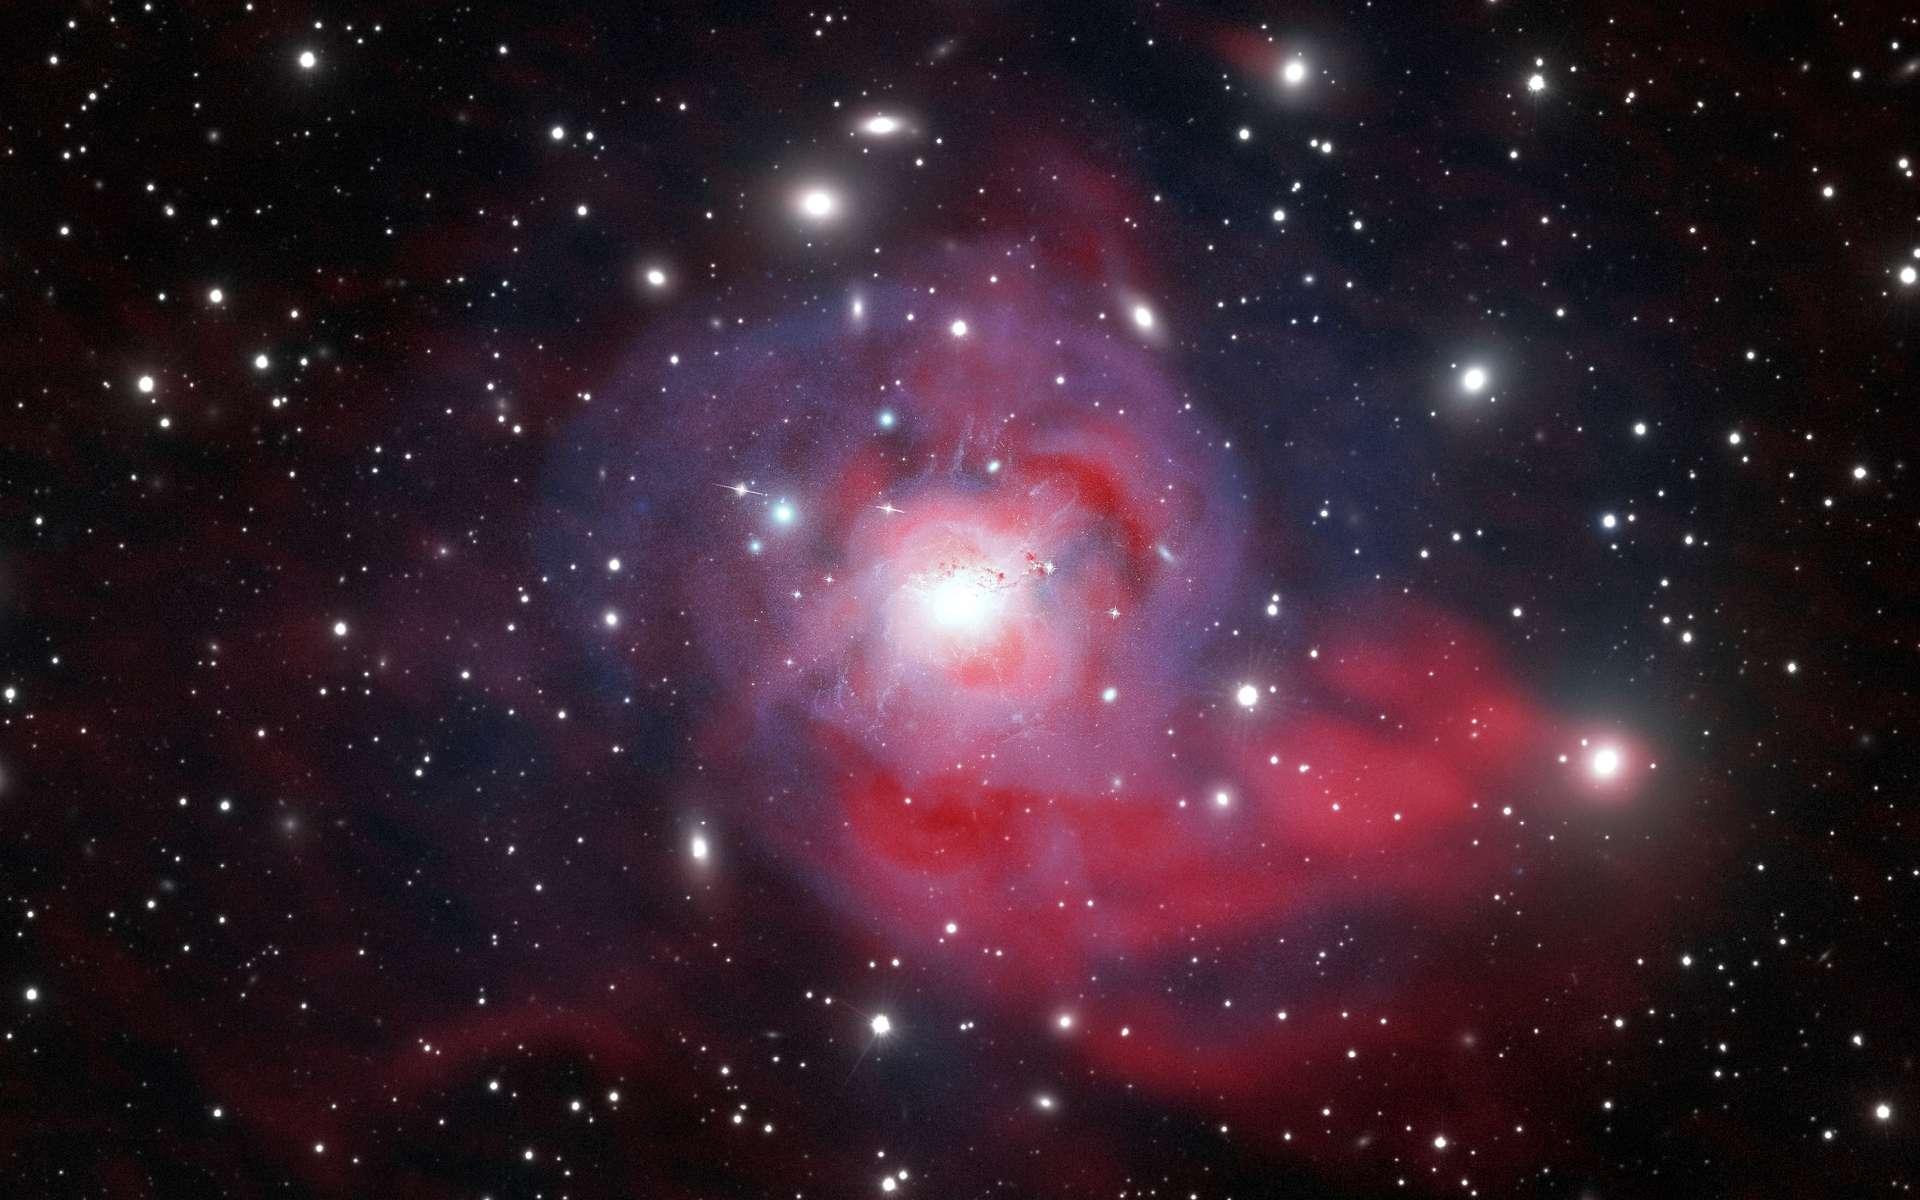 Cette image de NGC 1275 est une composition réunissant des données captées en lumière visible « Hubble », en rayon X « Chandra » et en onde radio « VLA (NRAO) ». © Marie-Lou Gendron-Marsolais (université de Montréal), Julie Hlavacek-Larrondo (université de Montréal), Maxime Pivin Lapointe, CC by-sa 4.0